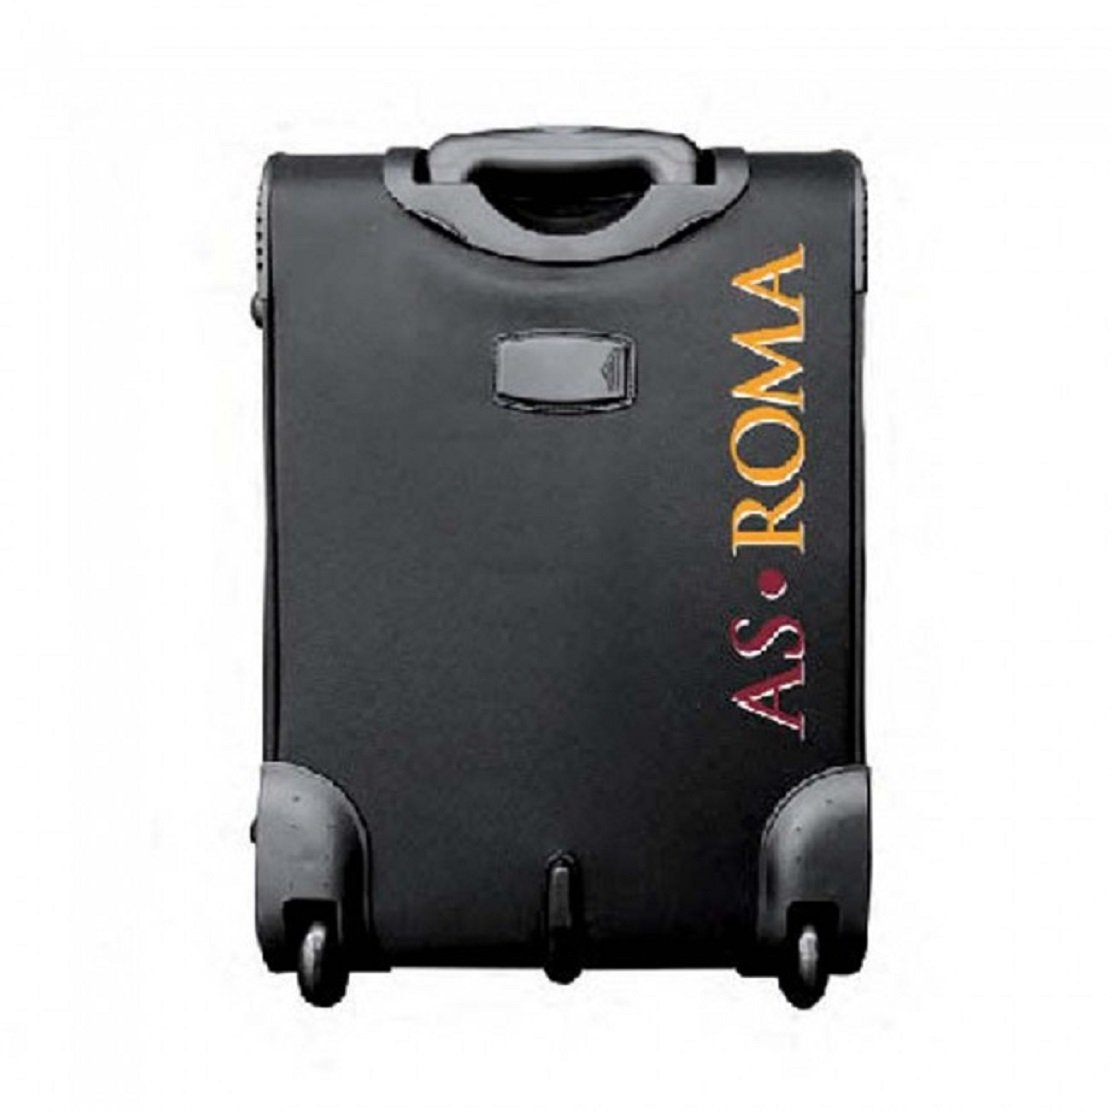 A.S. ROMA, Bagage cabine multicolore noir